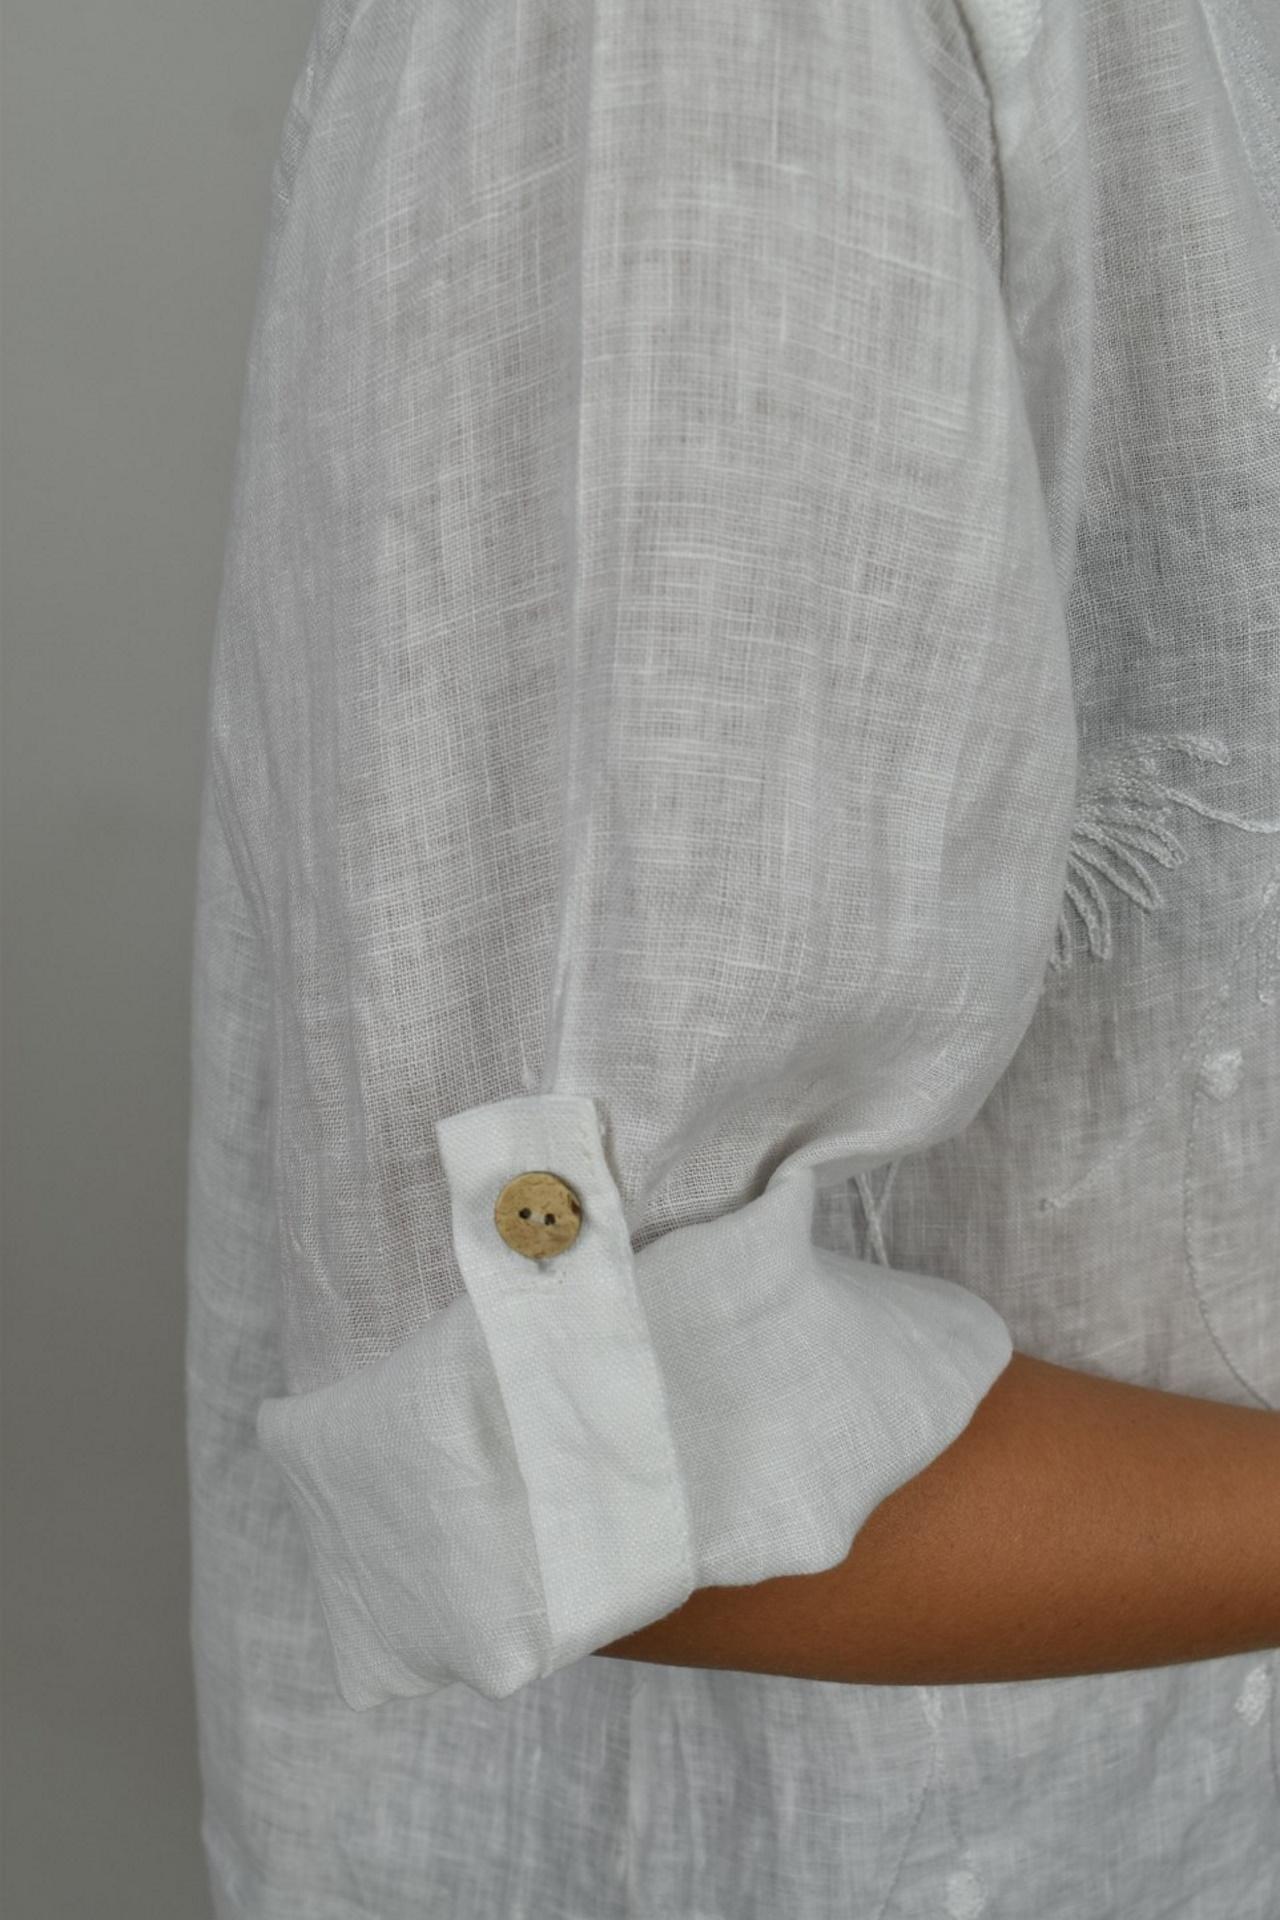 CAMMAXPE2101 BIANCO CAMICIA DA DONNA MANICA 34 100 LINO 3 1stAmerican camicia manica 3/4 da donna 100% lino Made in Italy - vestito collo a y da spiaggia donna